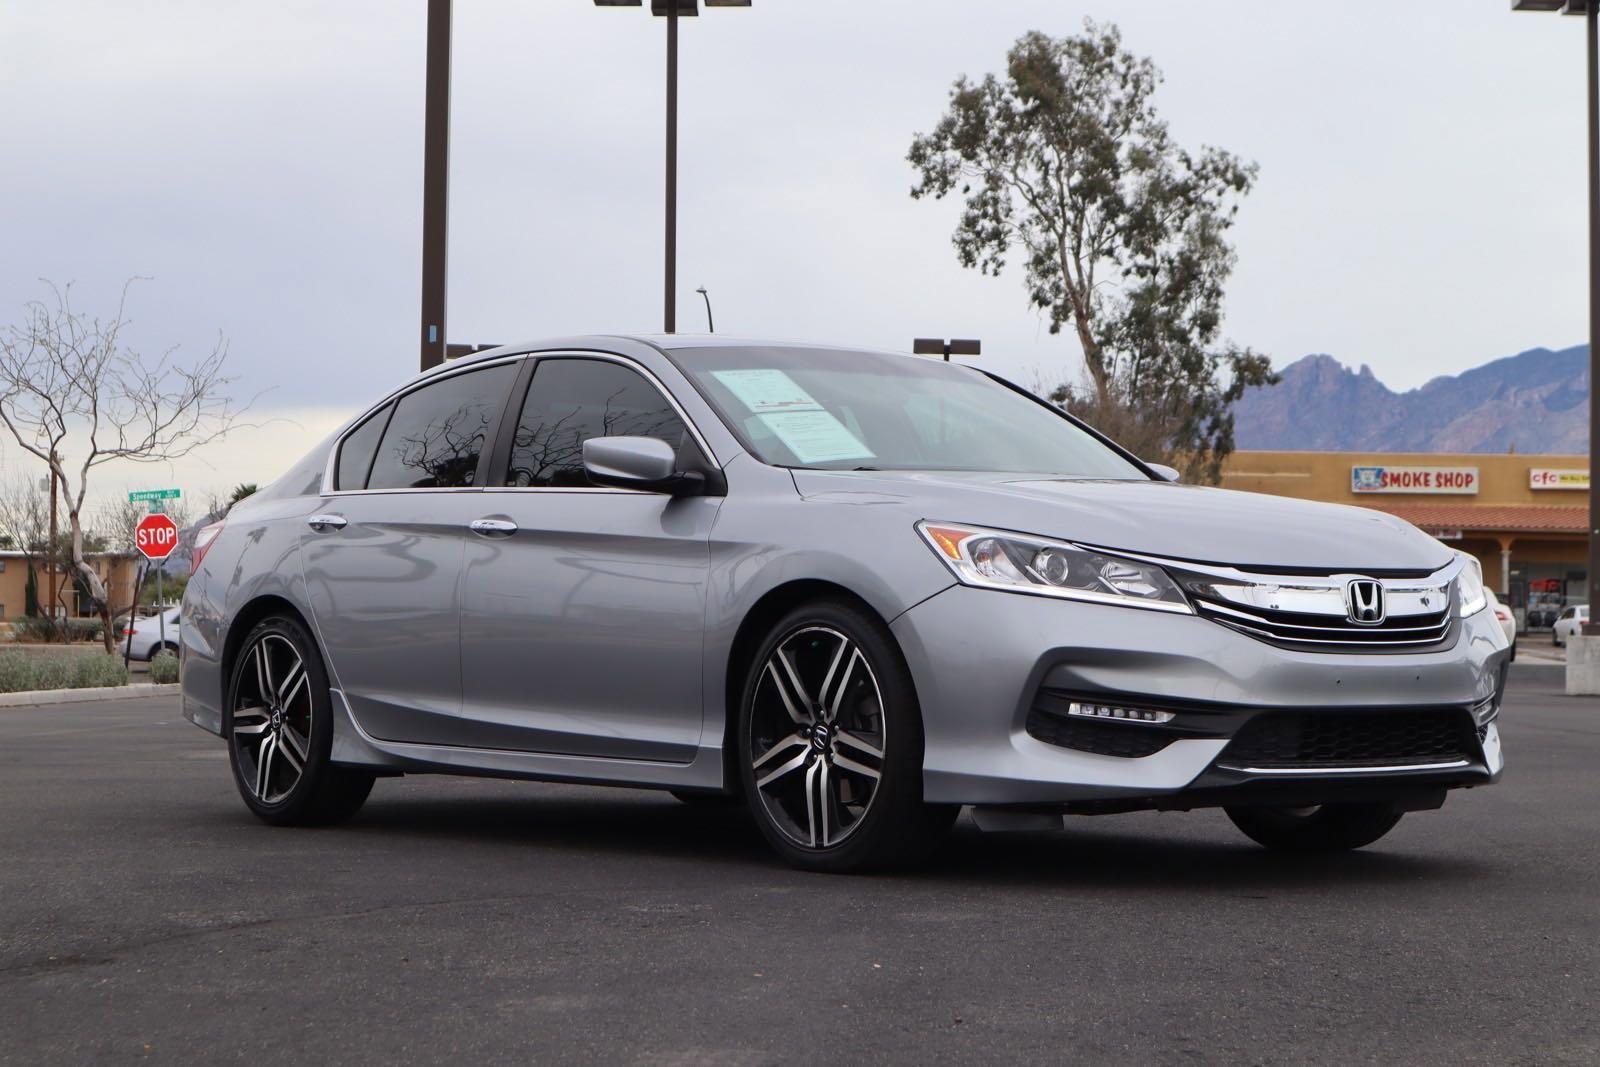 2016 Honda Accord Sport Sedan image